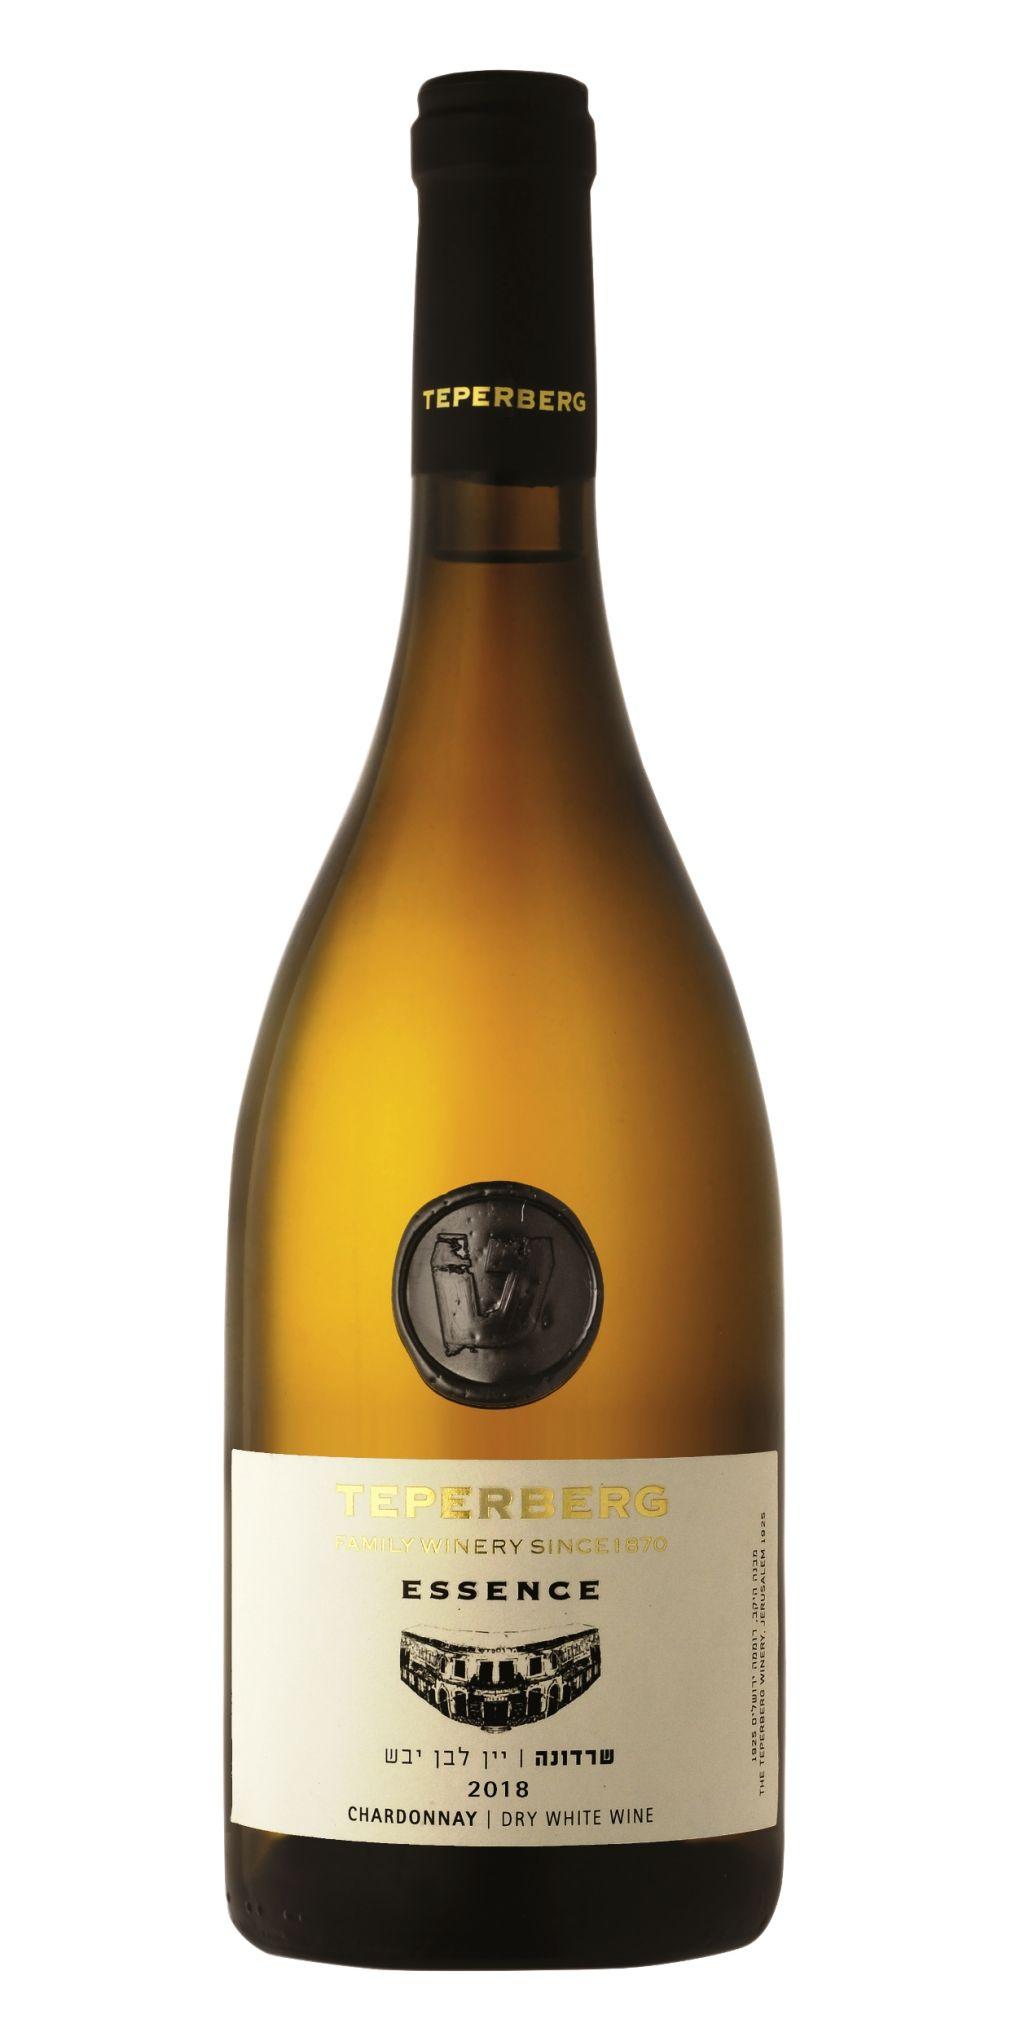 יין שרדונה אסנס יקב טפרברג